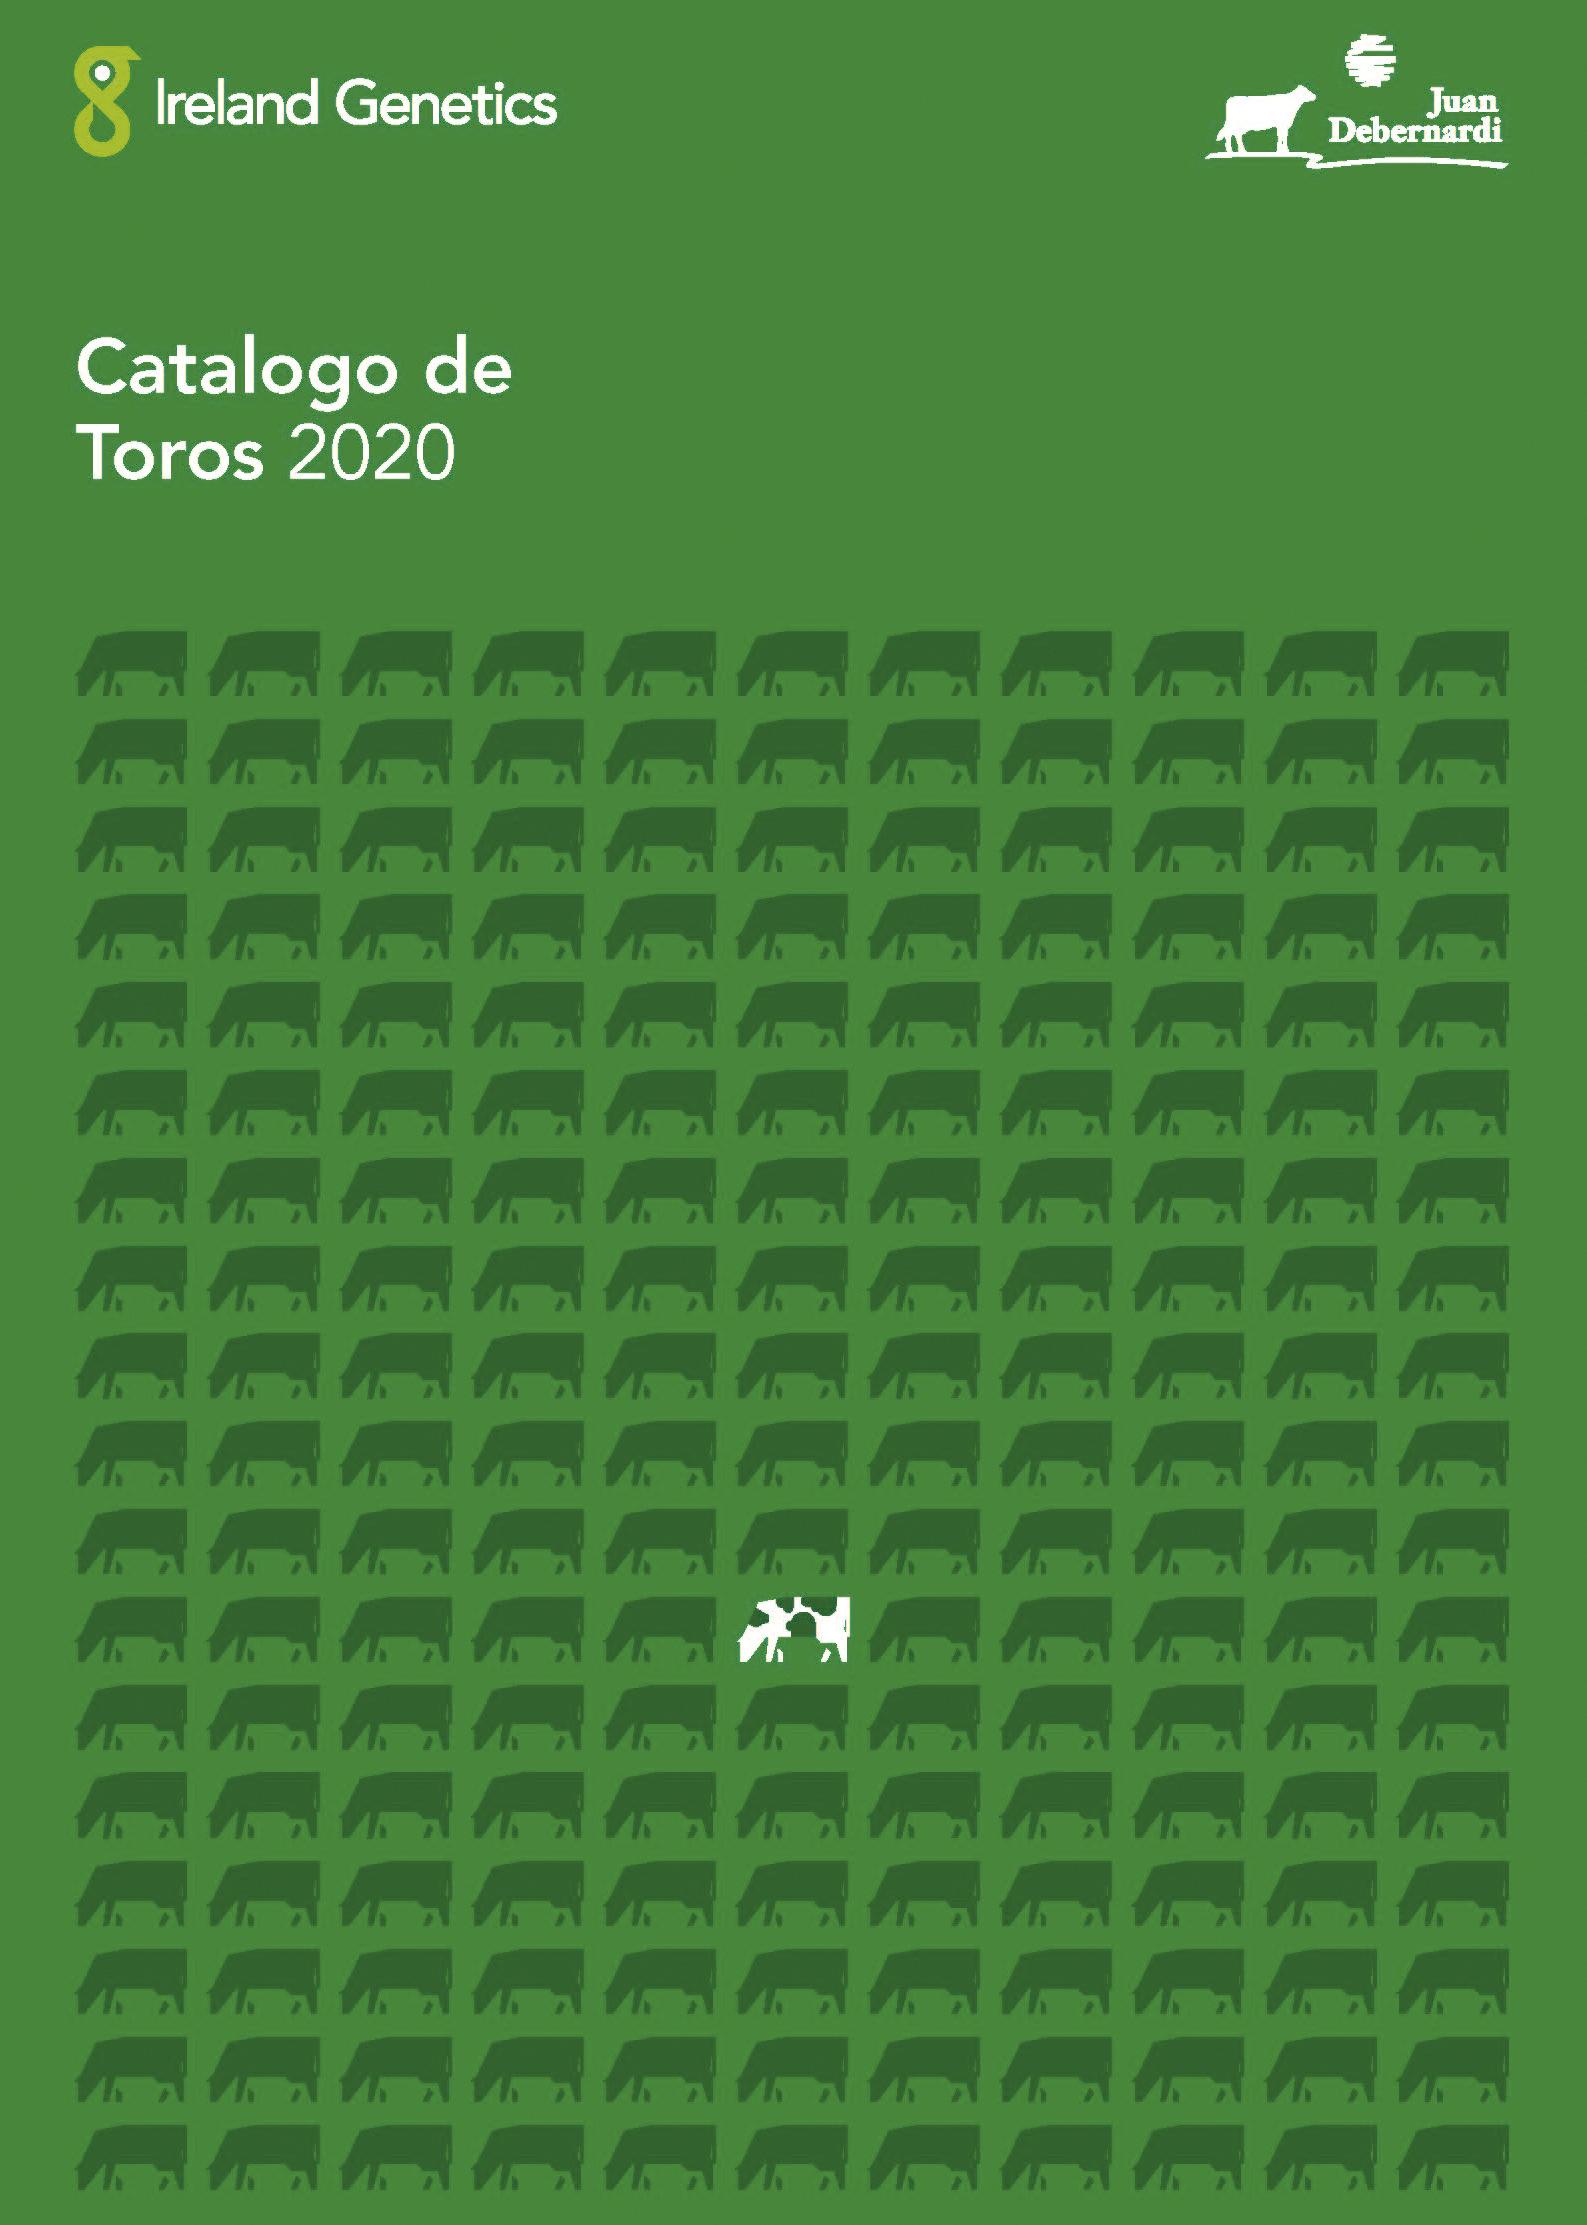 Catálogo Toros Ireland Genetics.pdf_Página_01